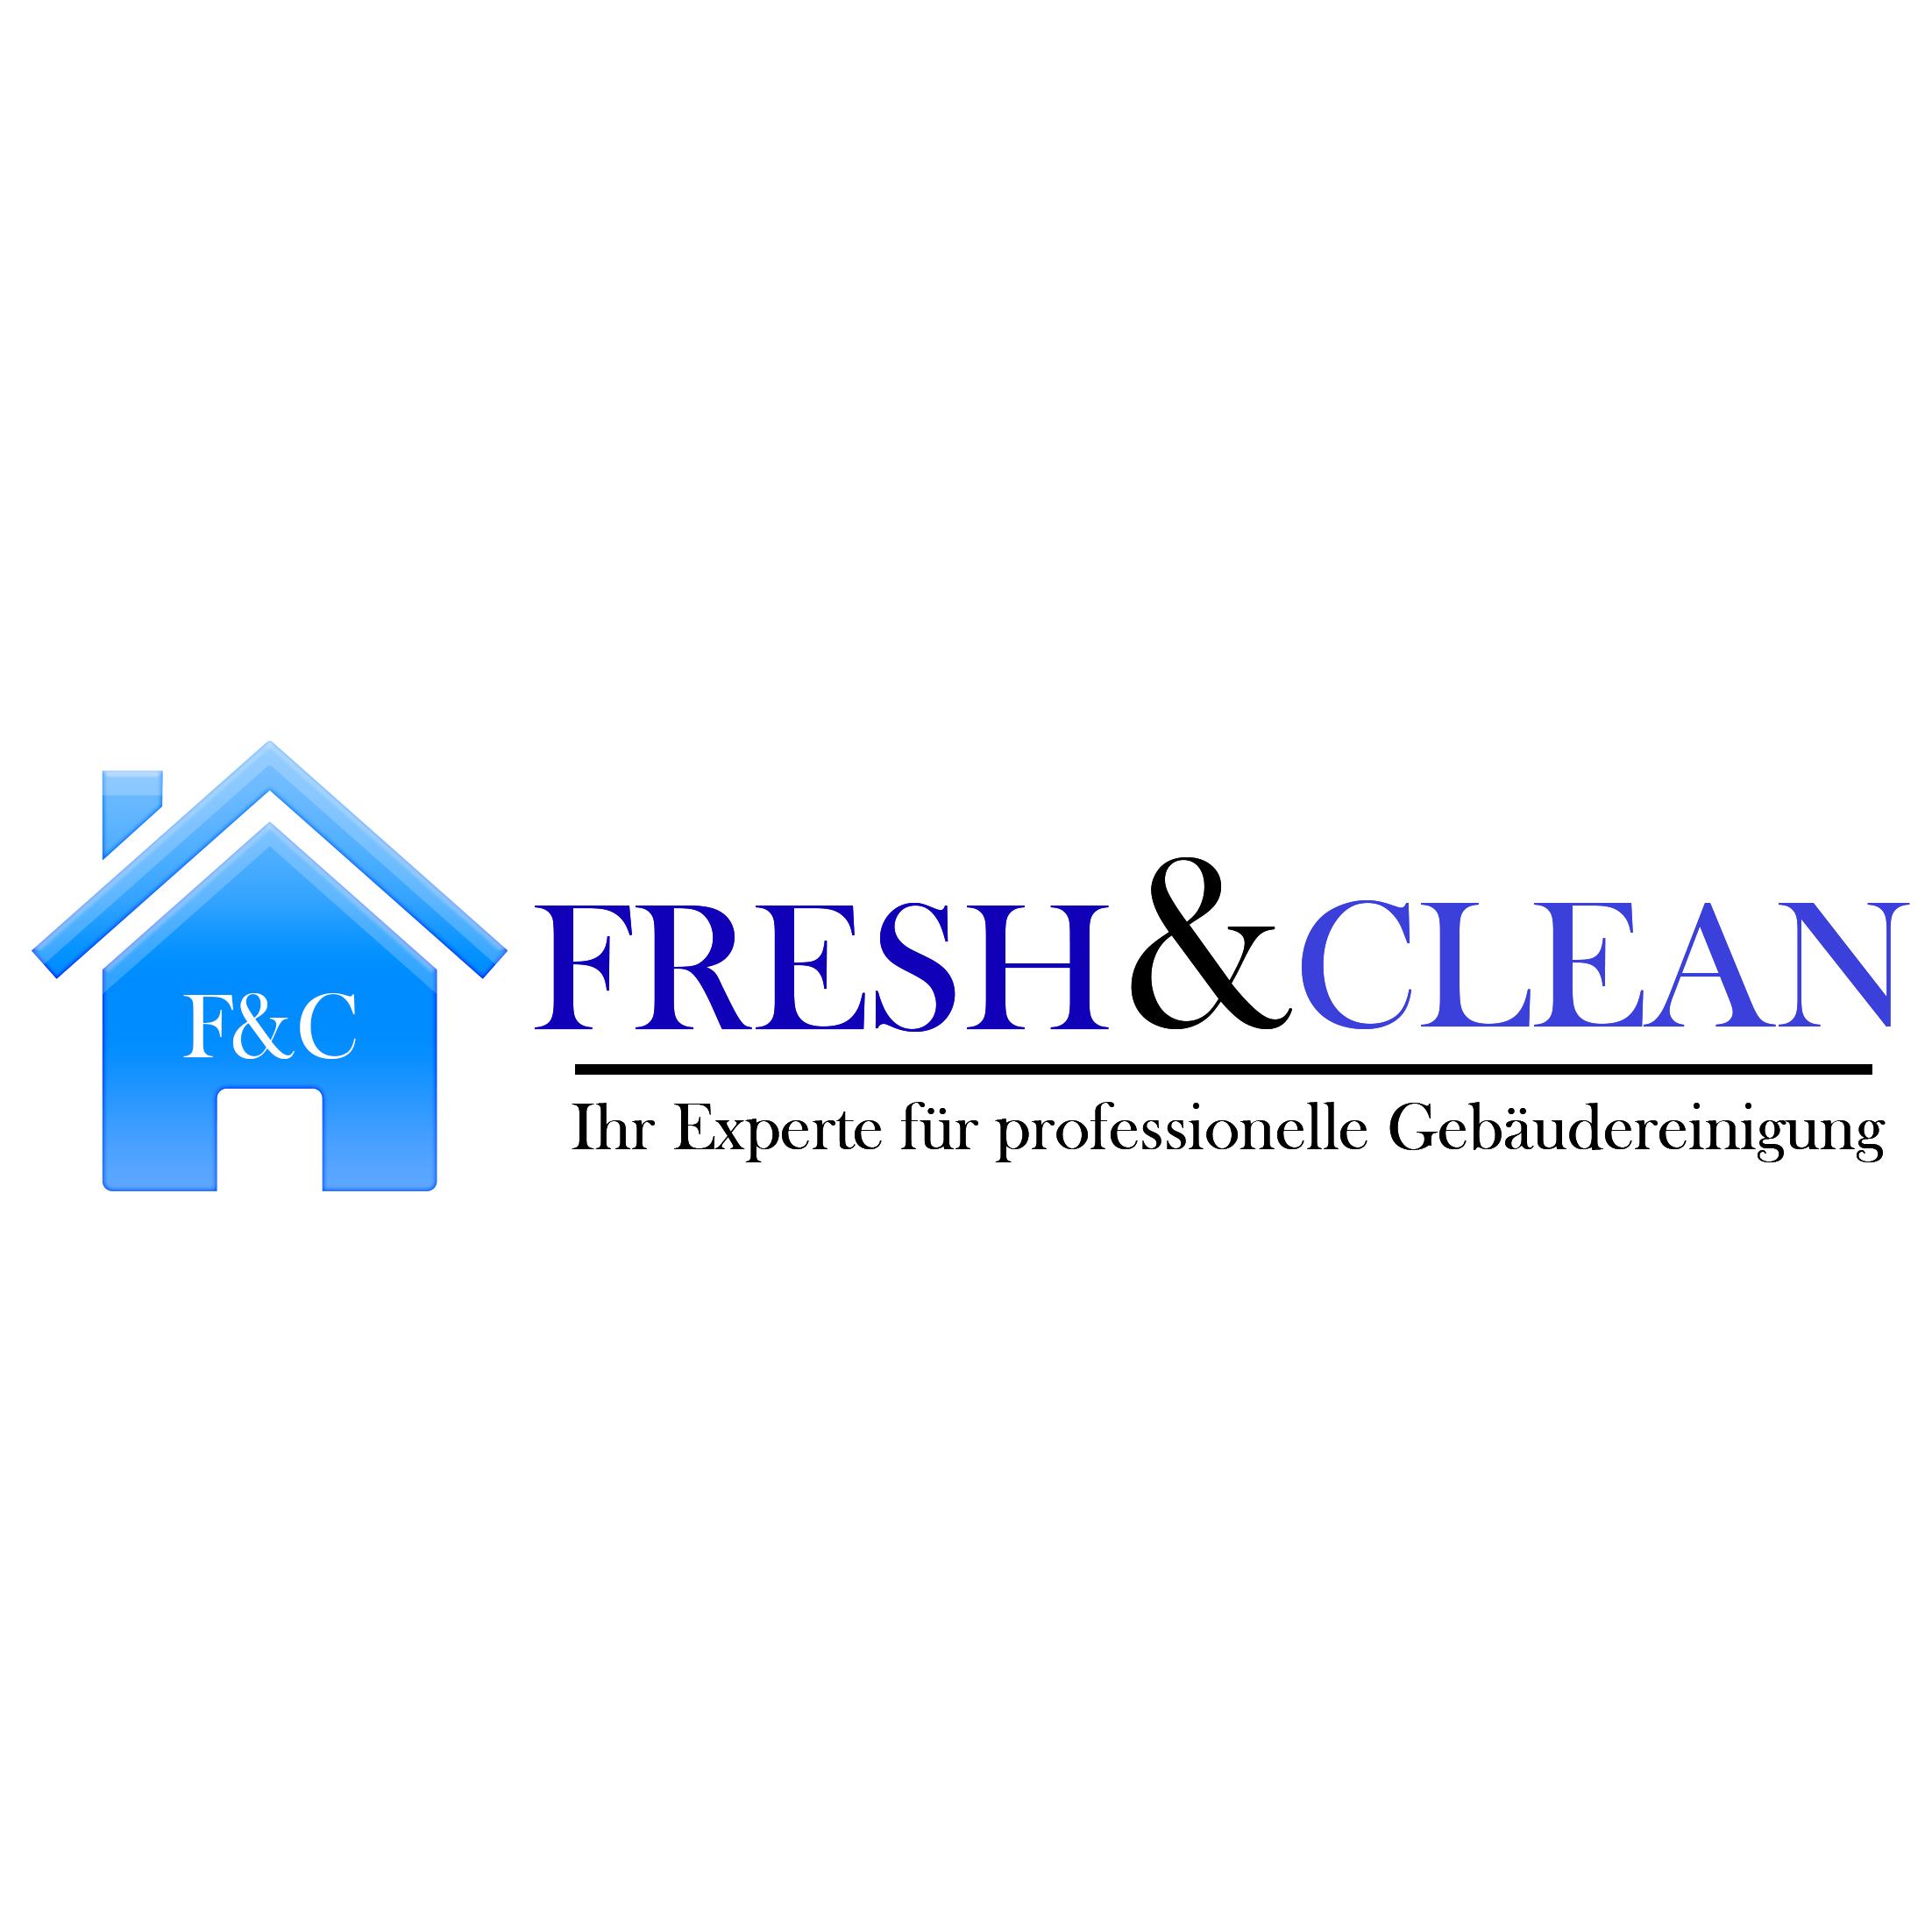 Fresh & Clean Gebäudereinigung Hamburg Logo